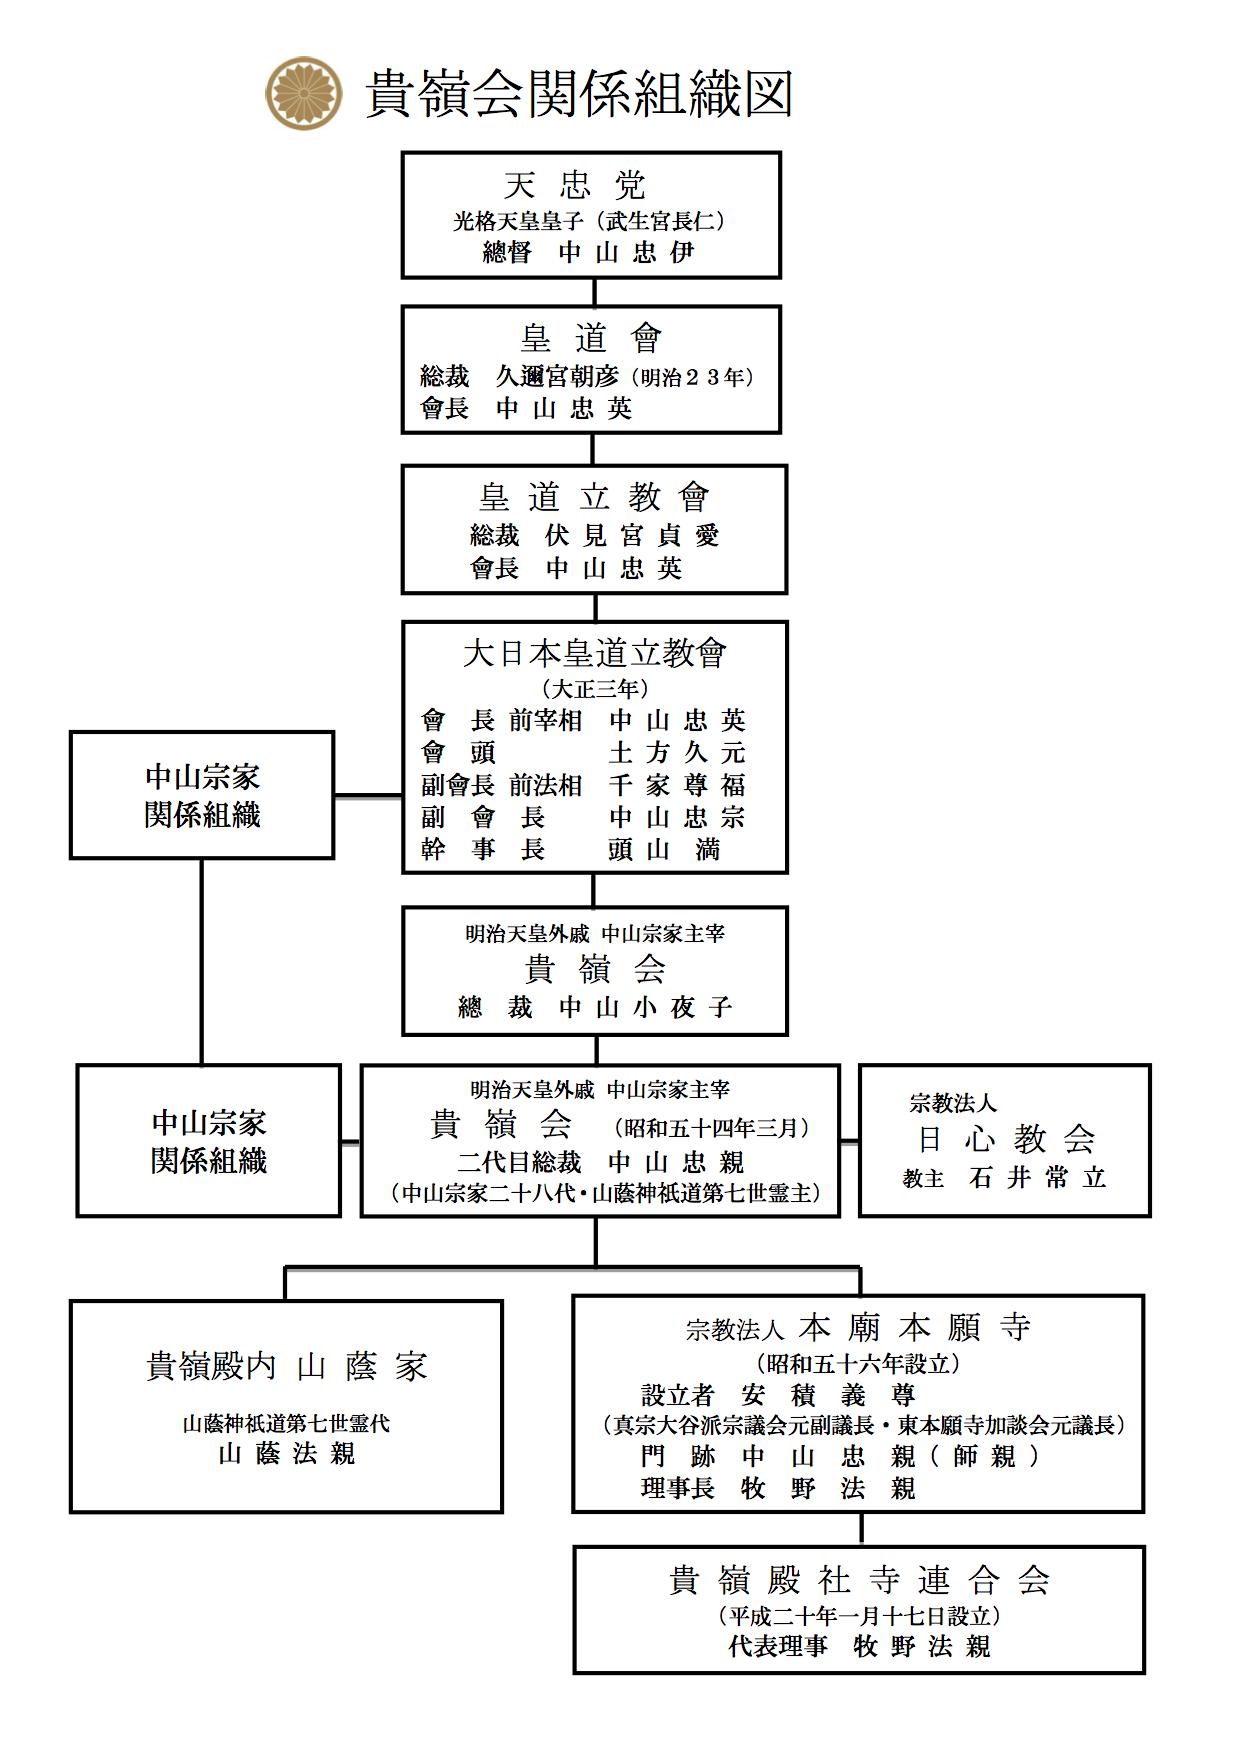 20160208soshikizu01